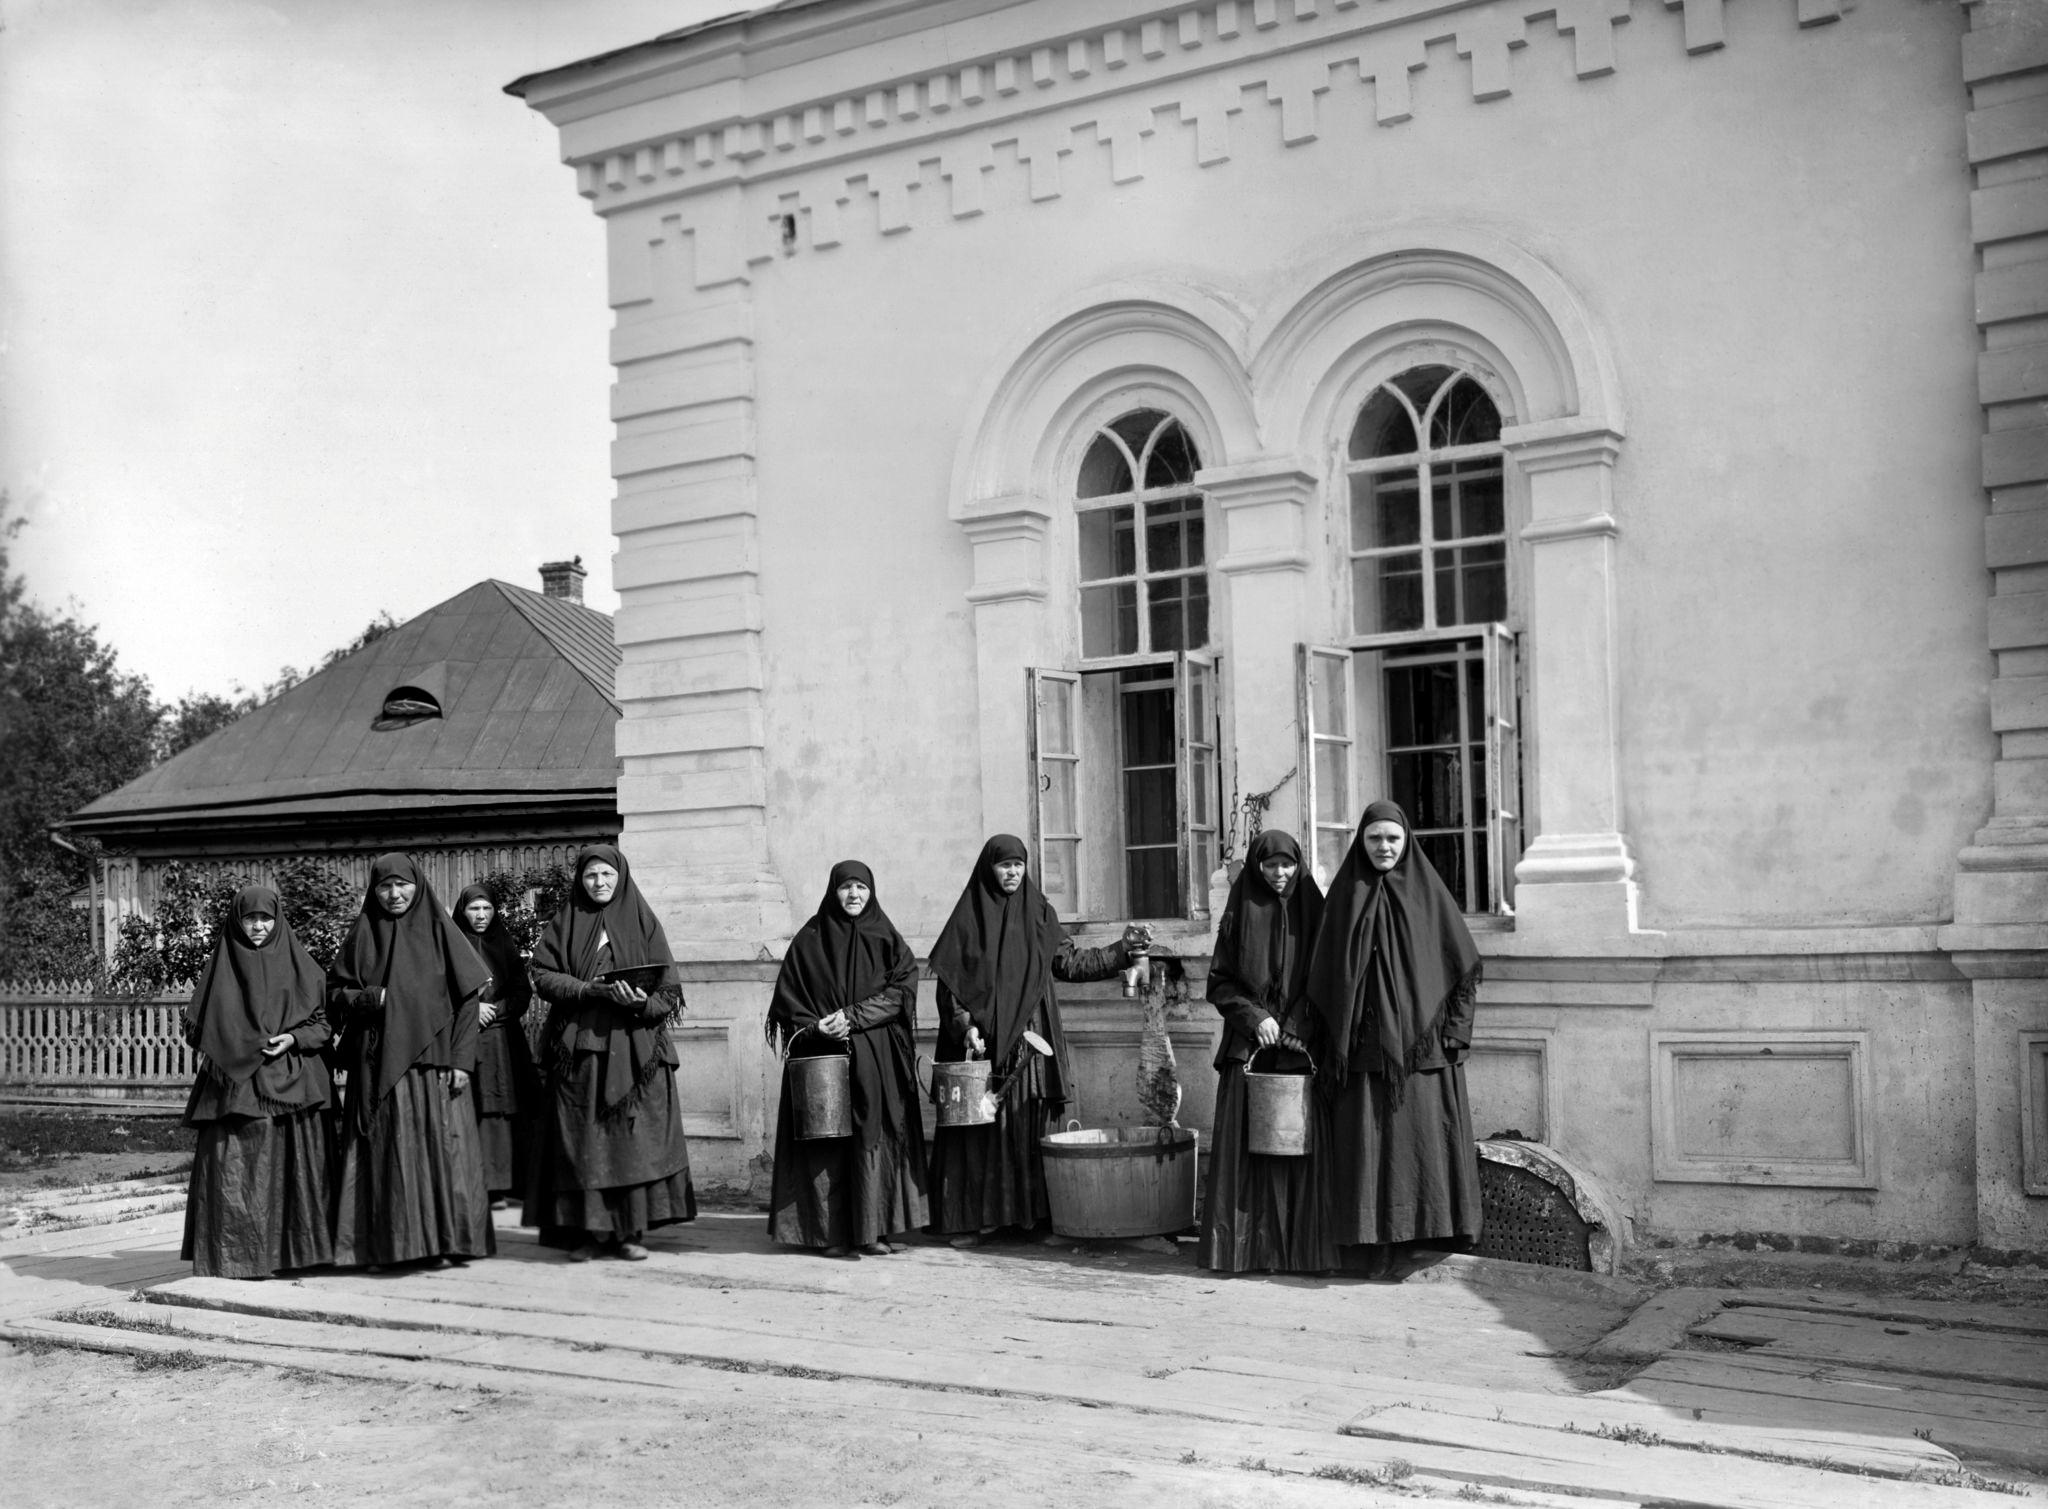 Сестры Дивеевского монастыря у водокачки